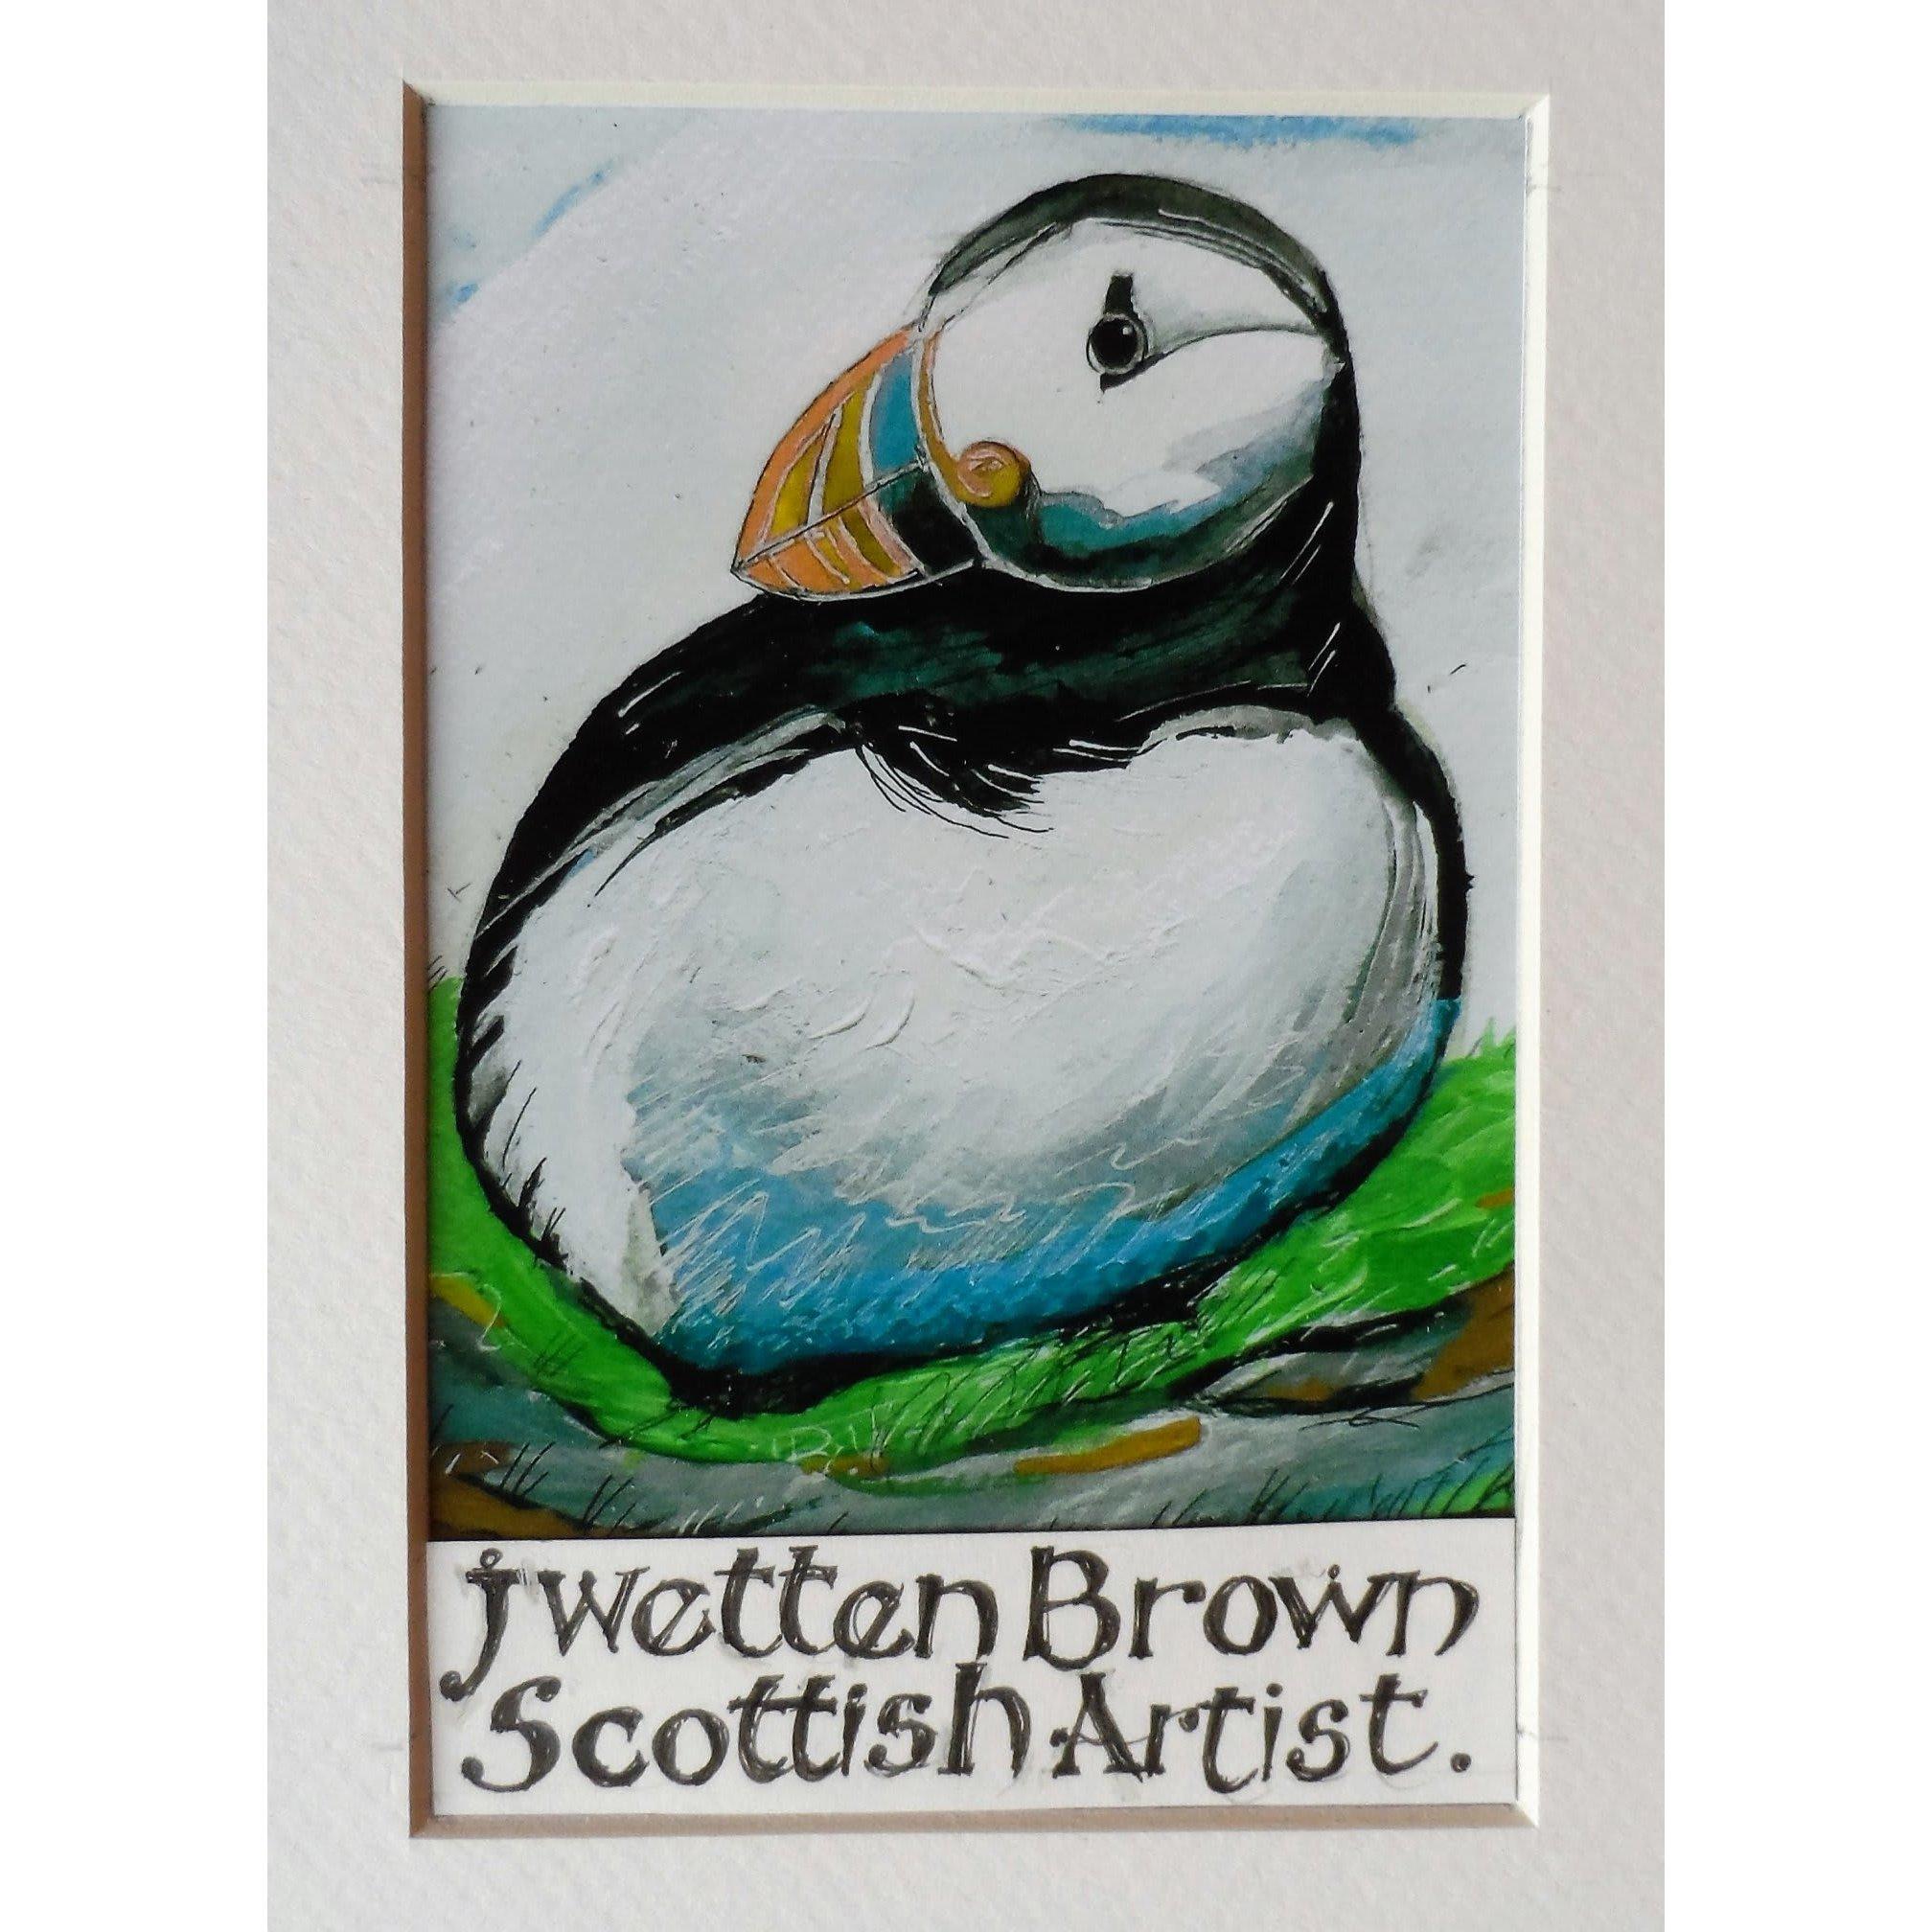 J Wetten Brown Scottish Artist